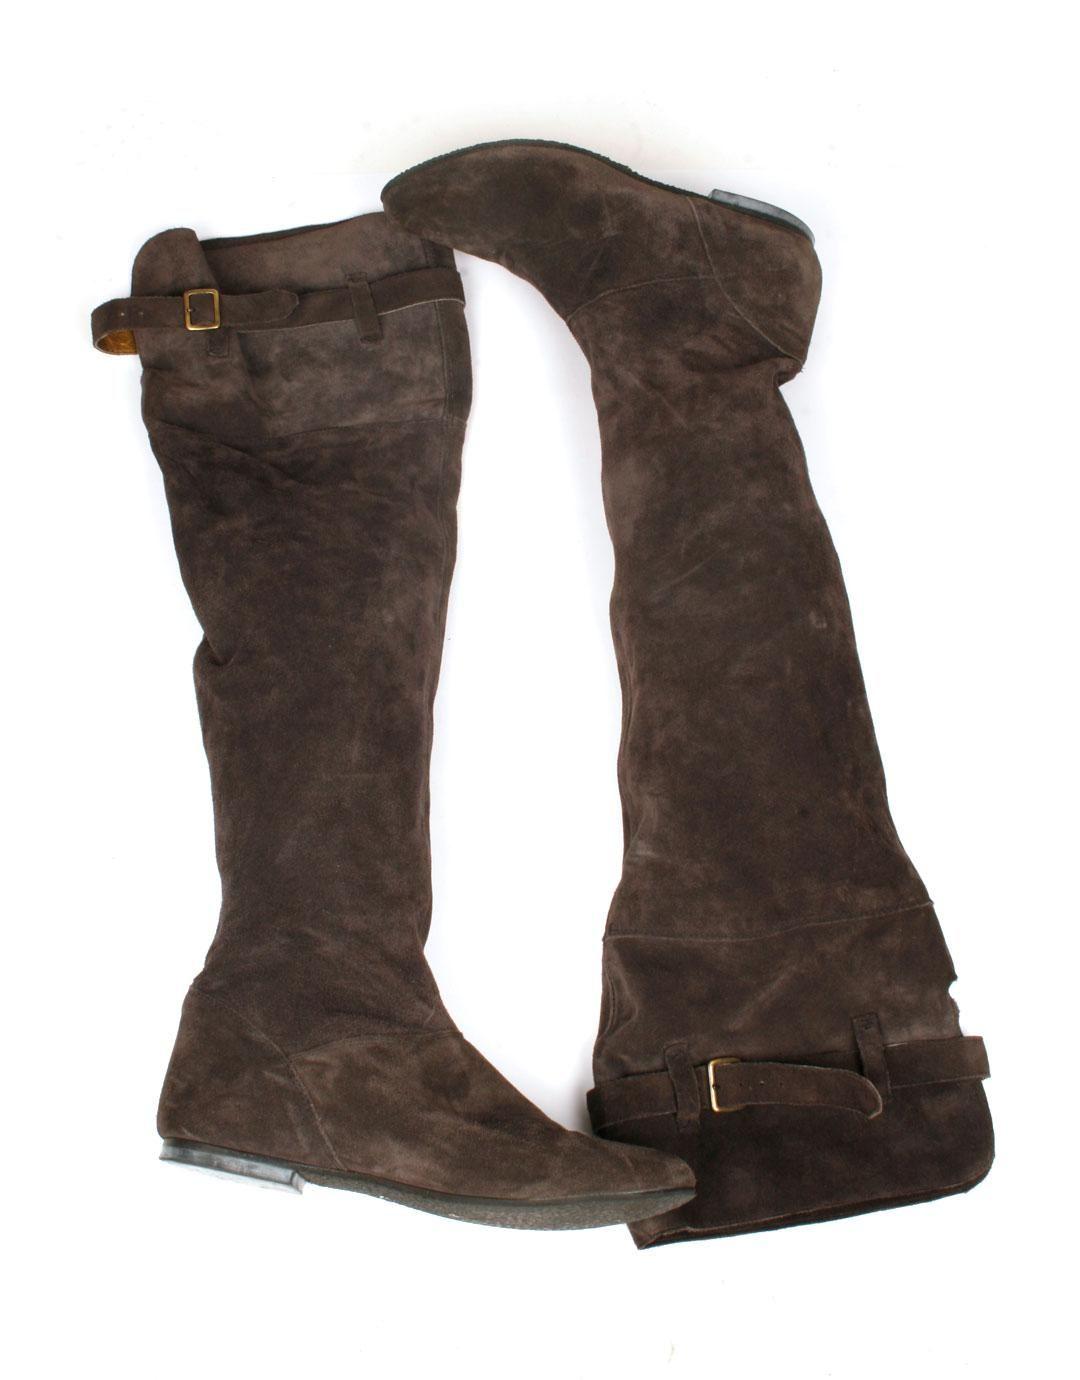 68edf42ac3f Botas altas por la rodilla tipo mosqueteras de piel blandita y con hebilla  en parte superior